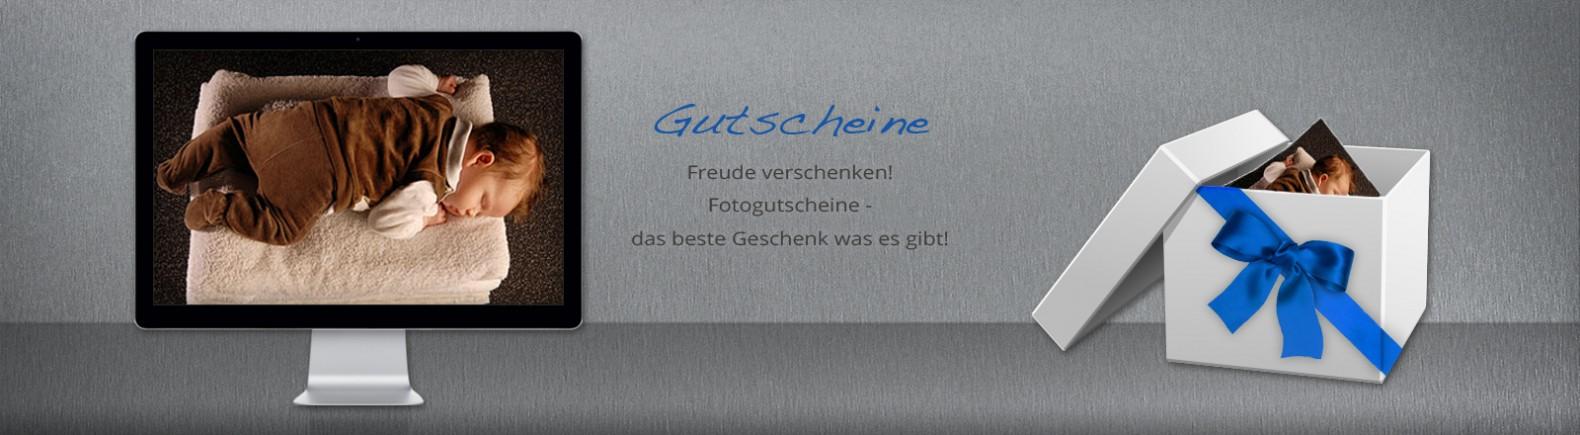 05_03_gutscheine_www.fotostudio-schloen-duesseldorf.de